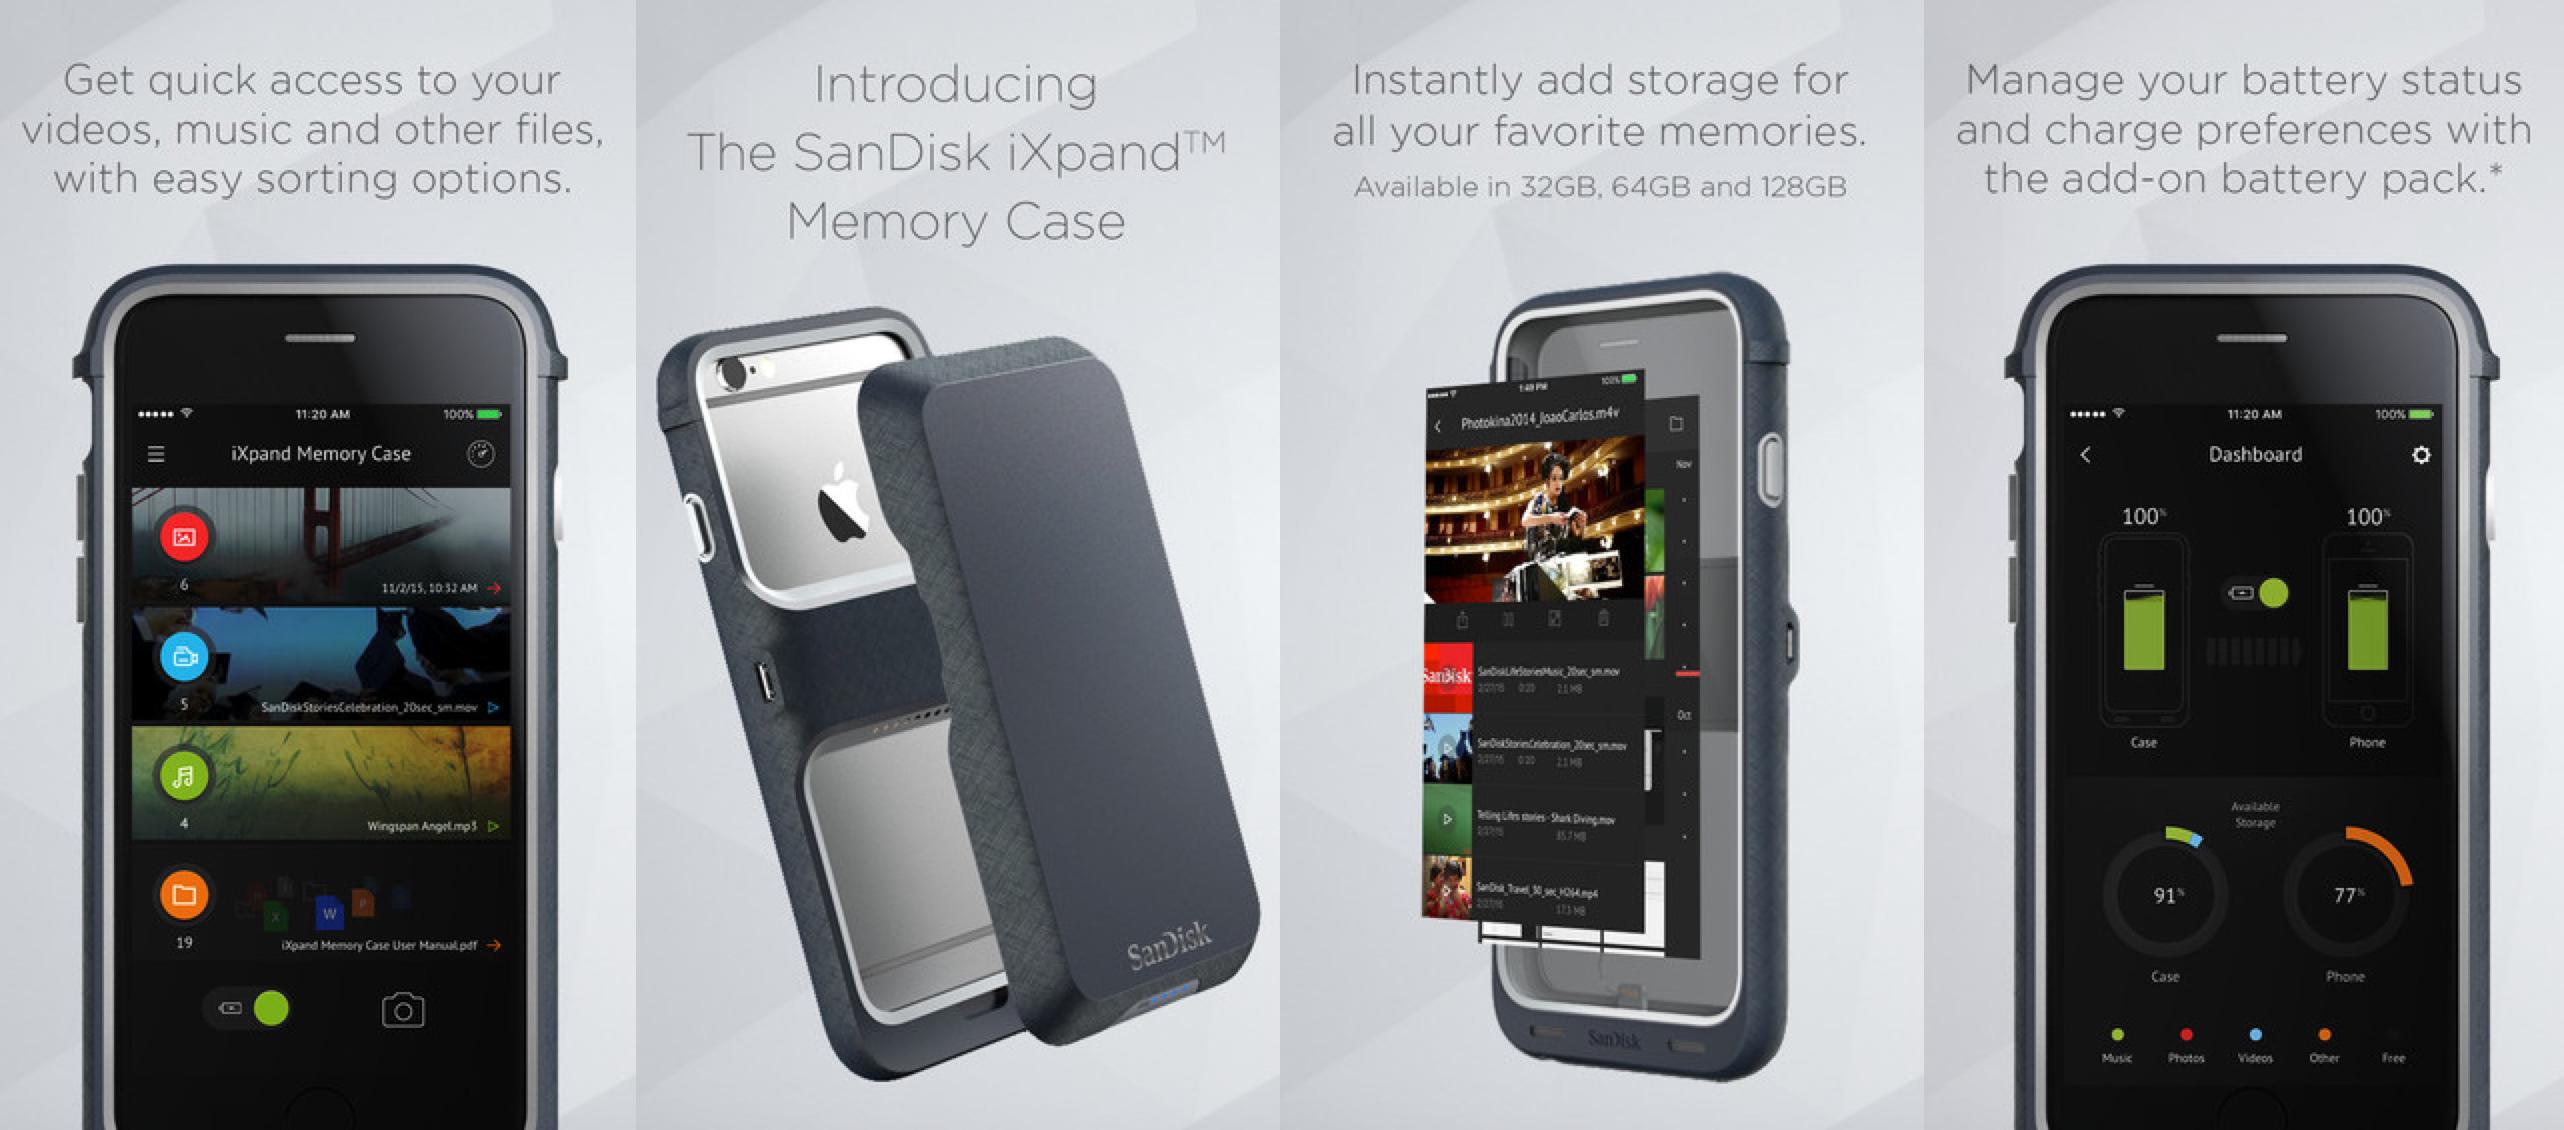 iXpand-Memory-case